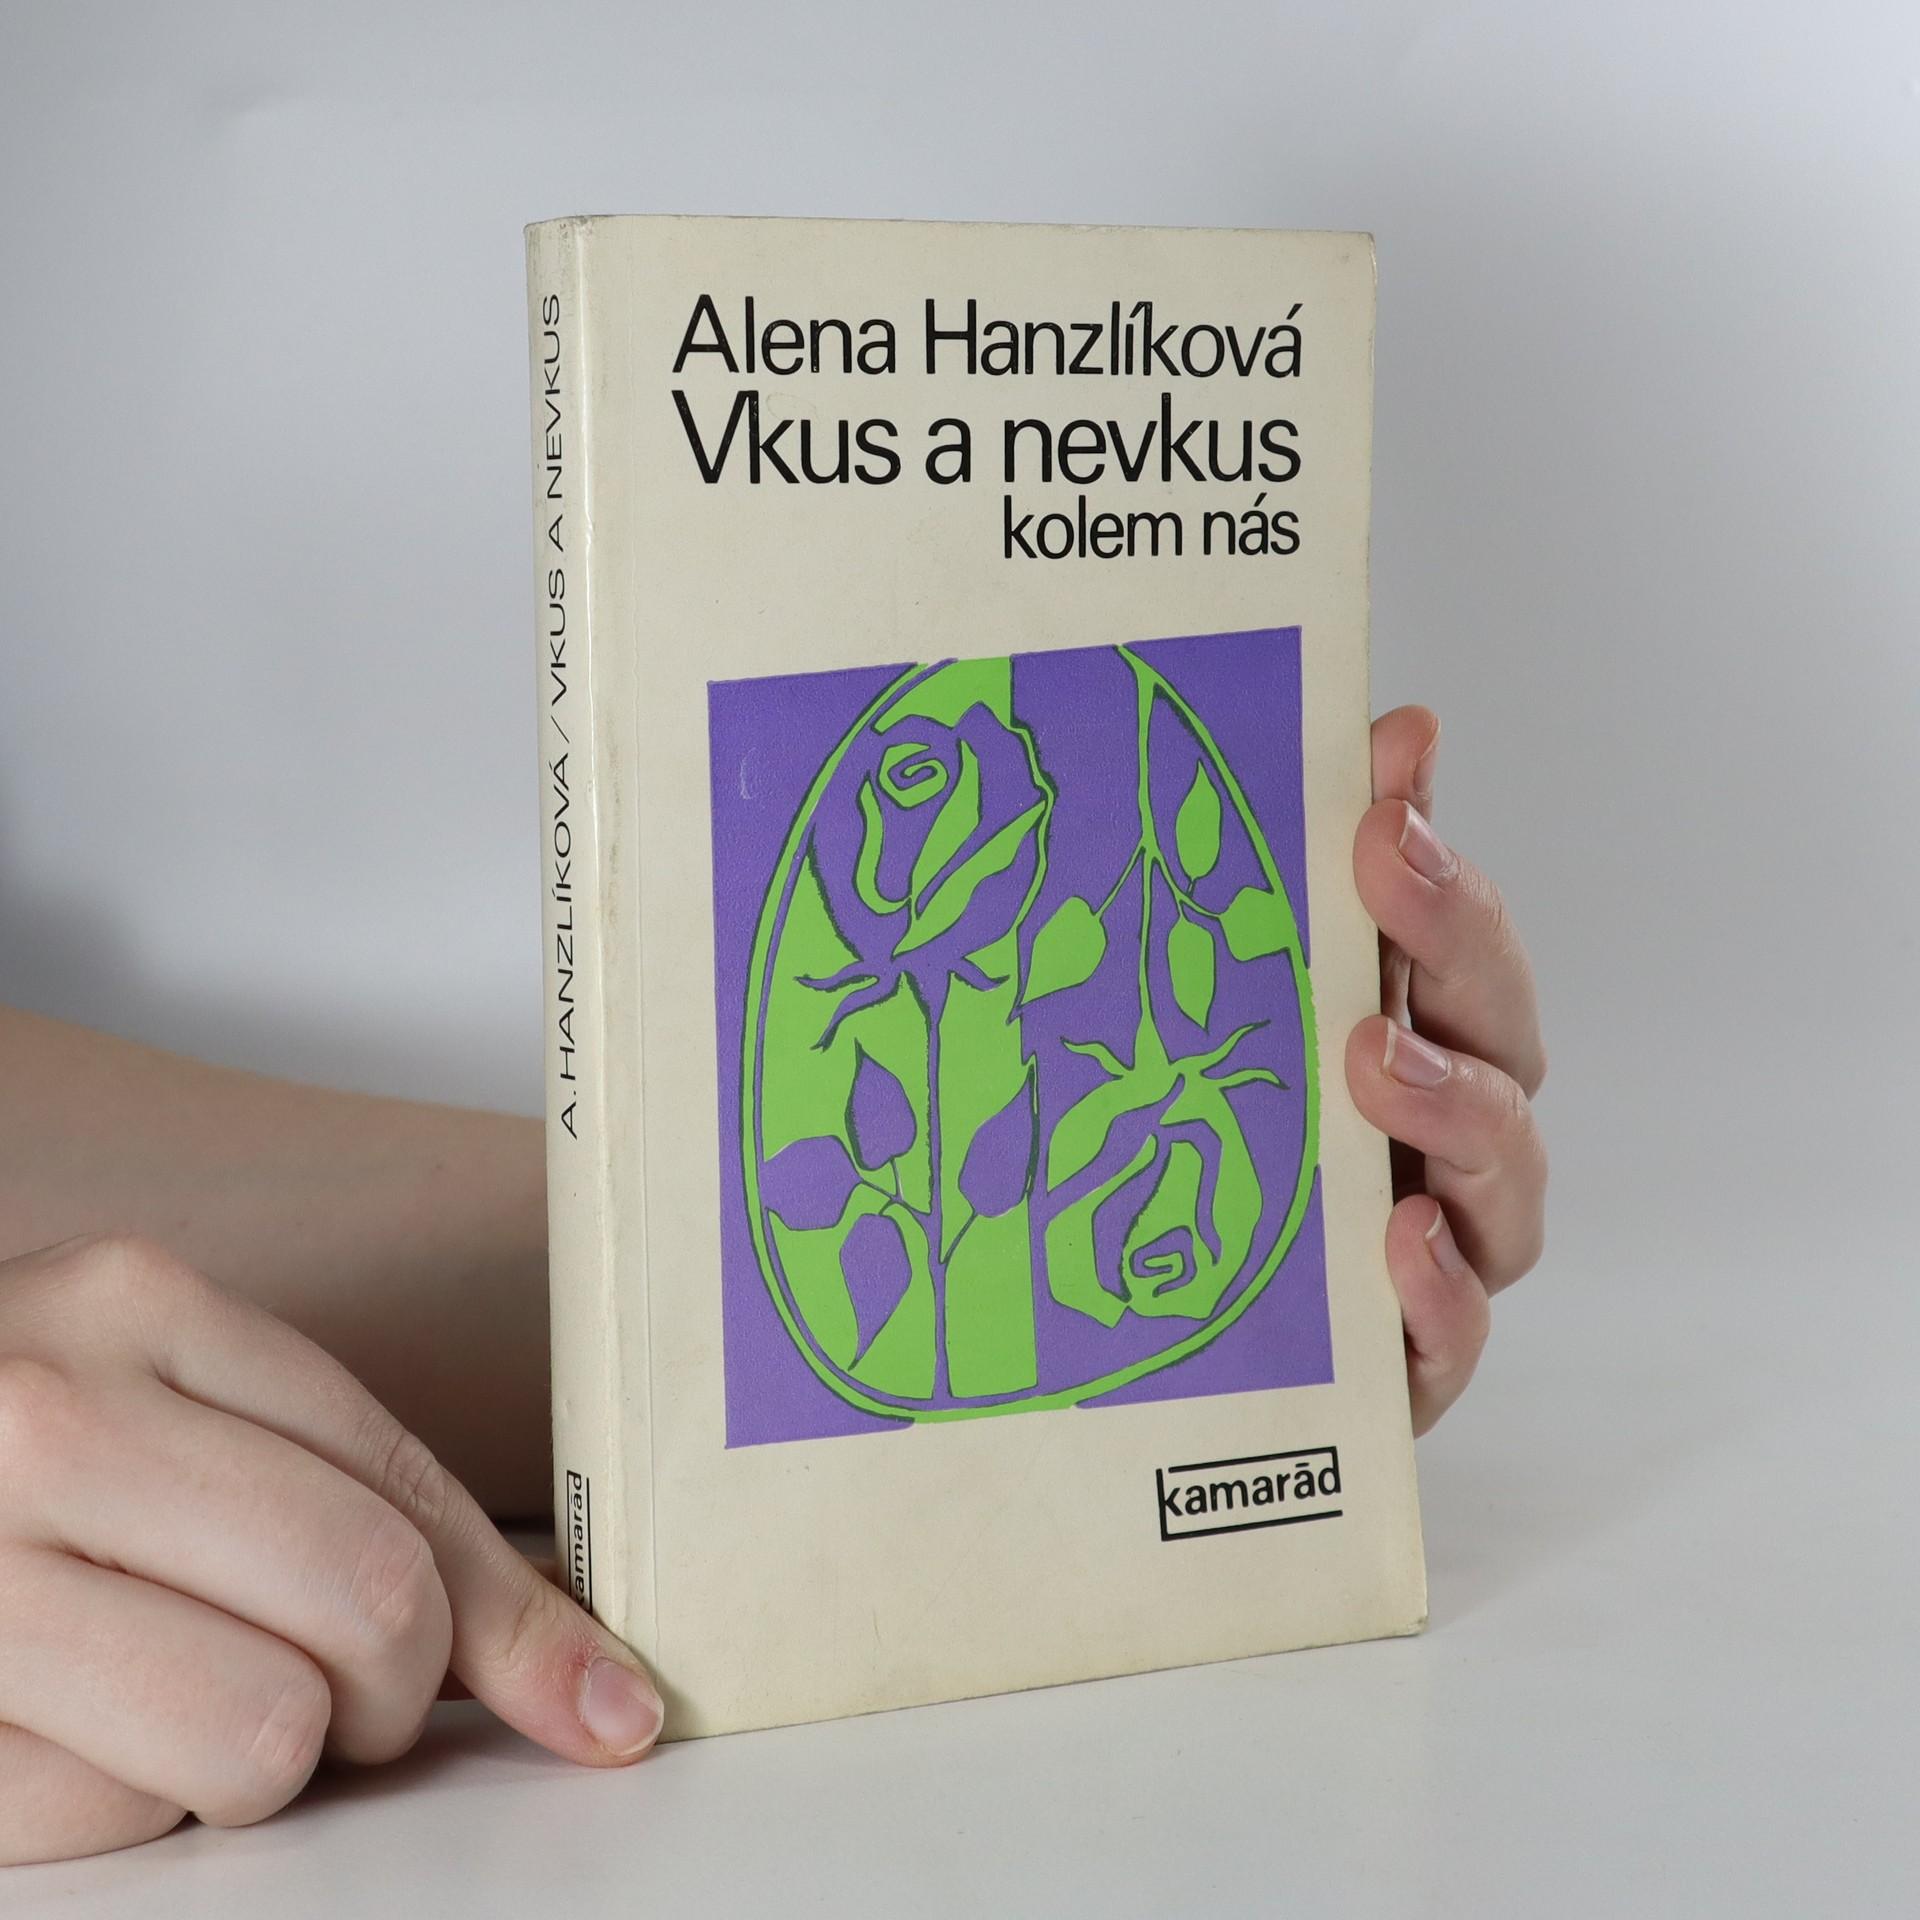 antikvární kniha Vkus a nevkus kolem nás, 1977